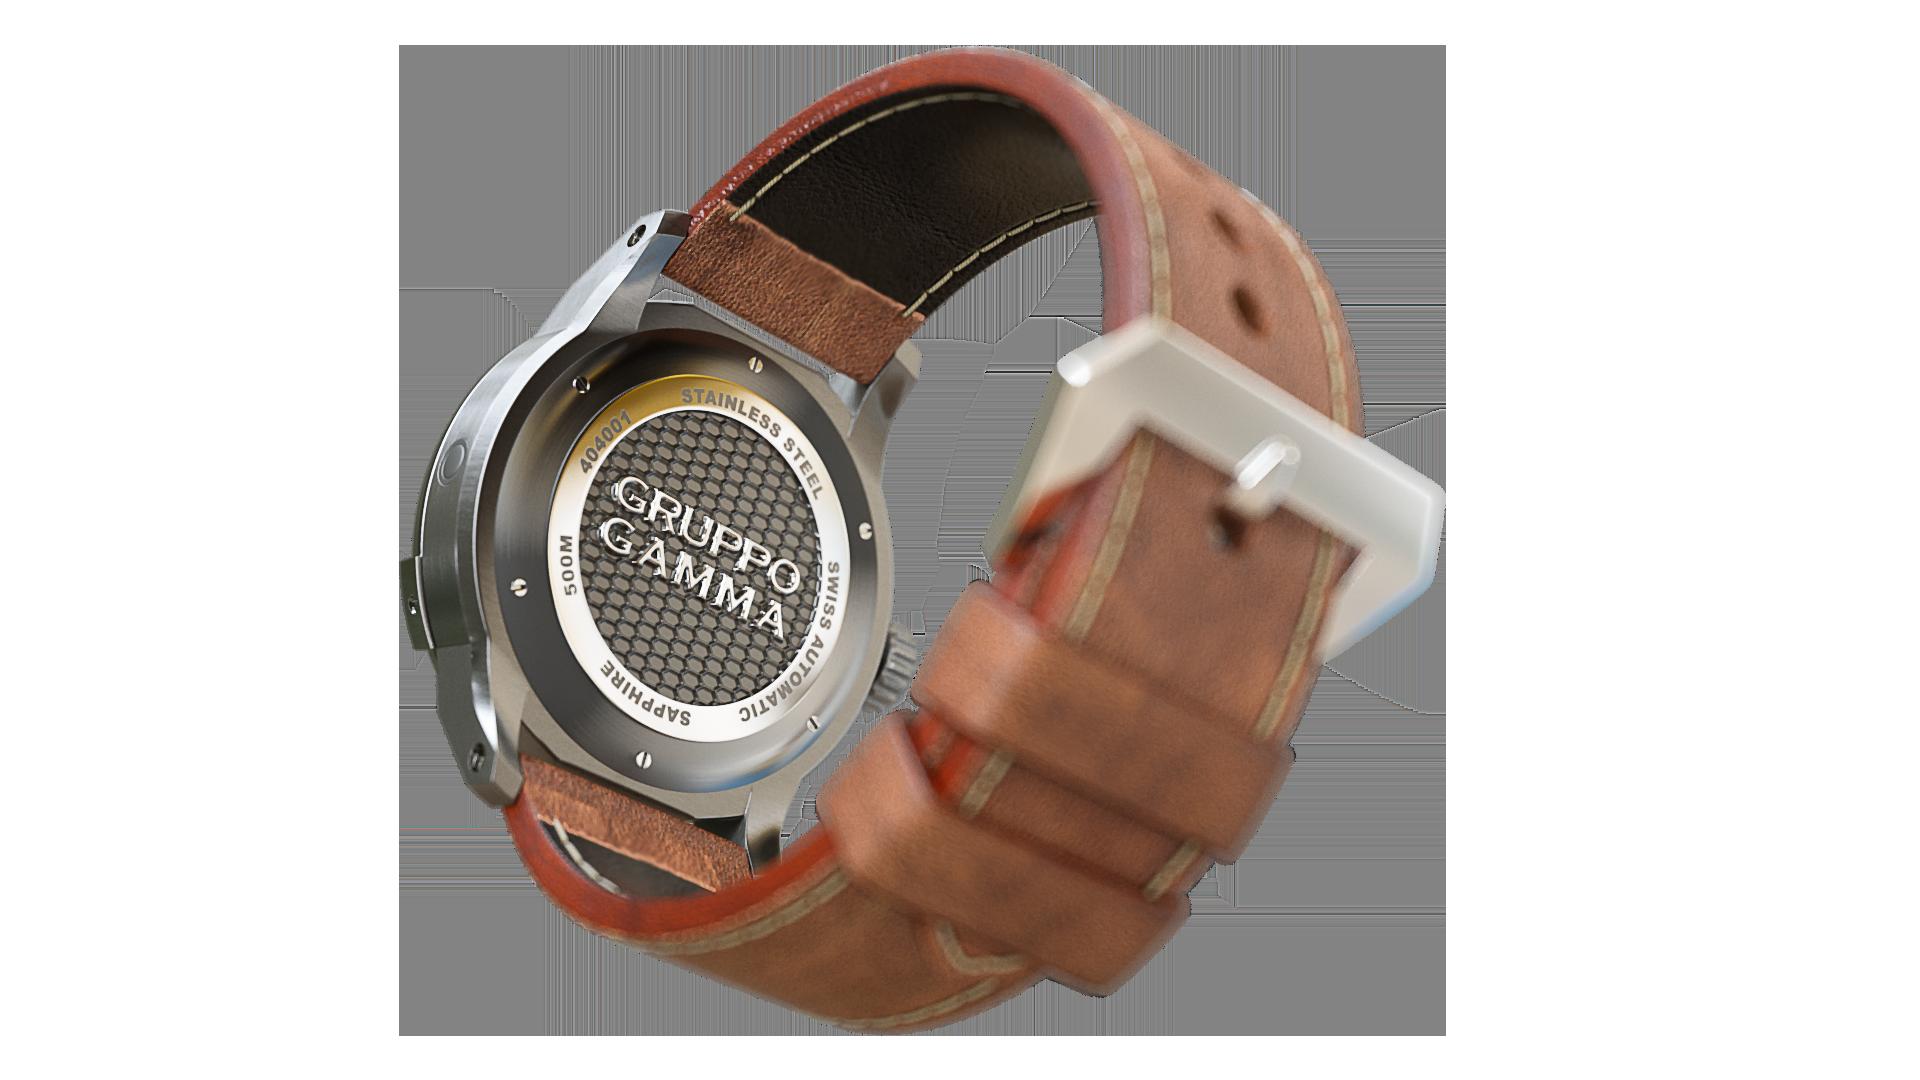 Divemaster DG-04 Preordine / Preorder